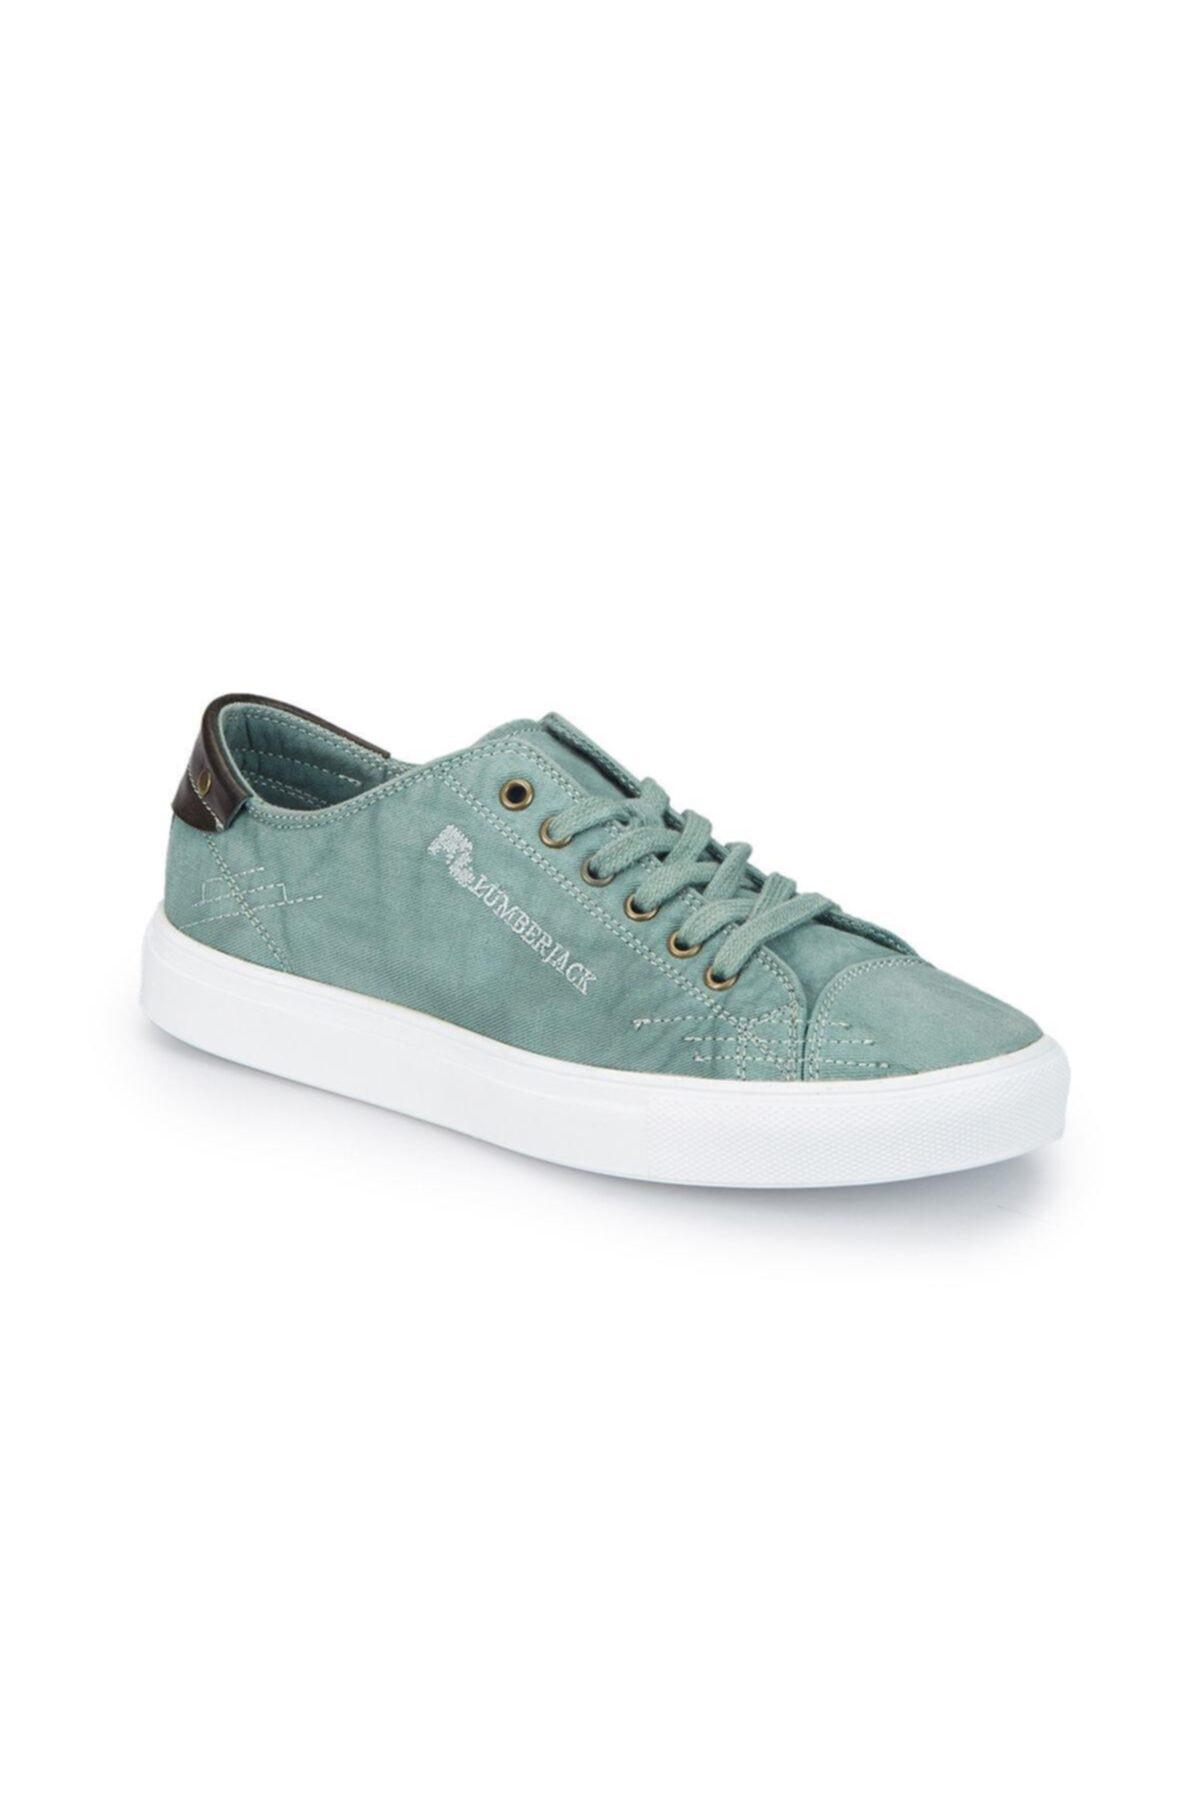 lumberjack DALTON Yeşil Erkek Sneaker 100241897 1